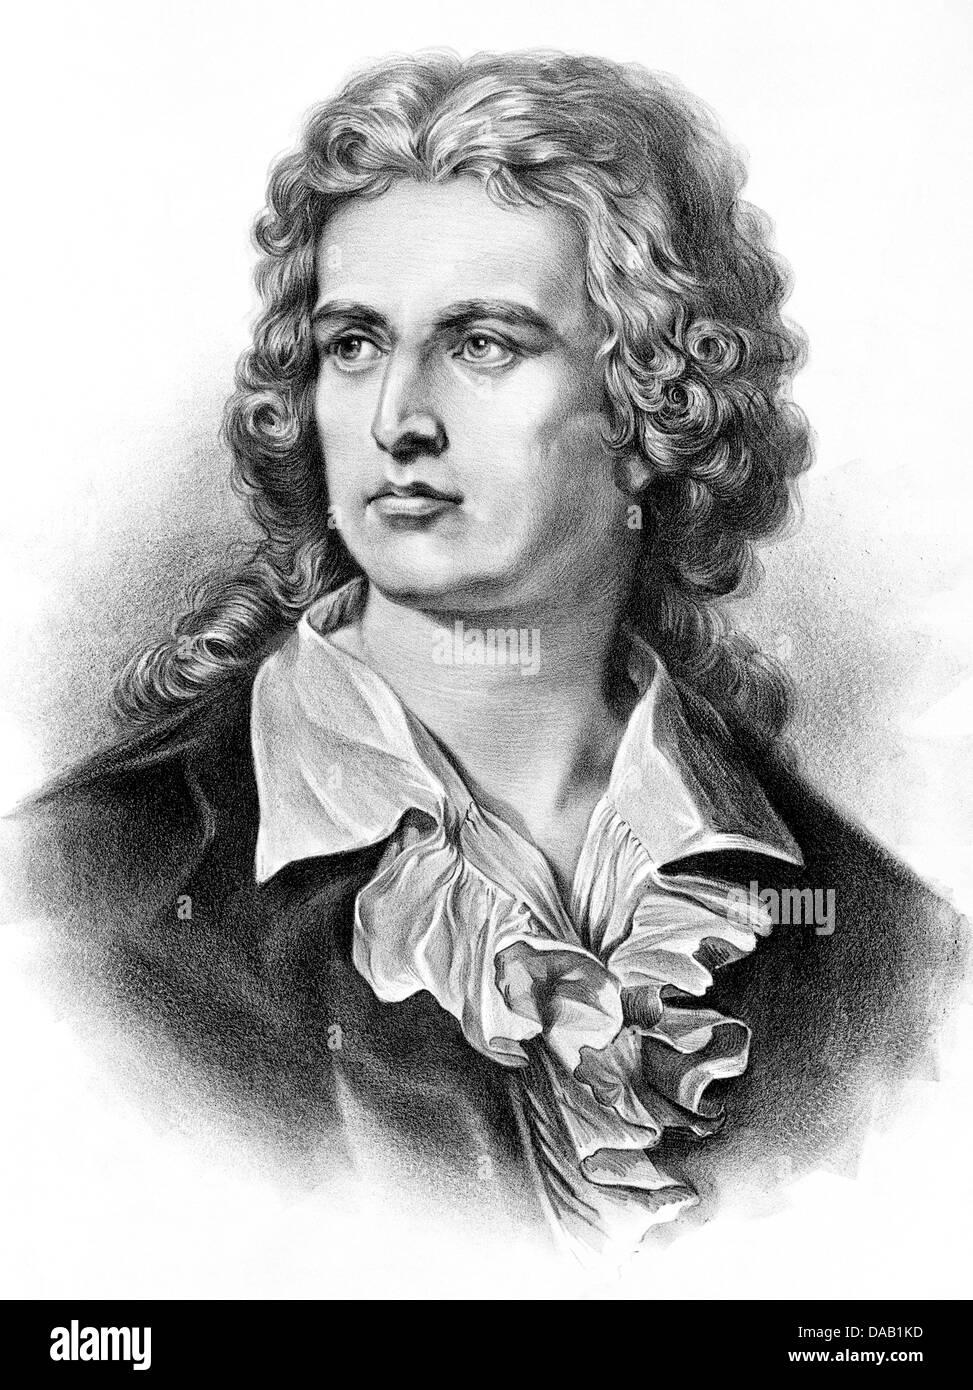 FRIEDRICH SCHILLER (1759-1805) German writer - Stock Image